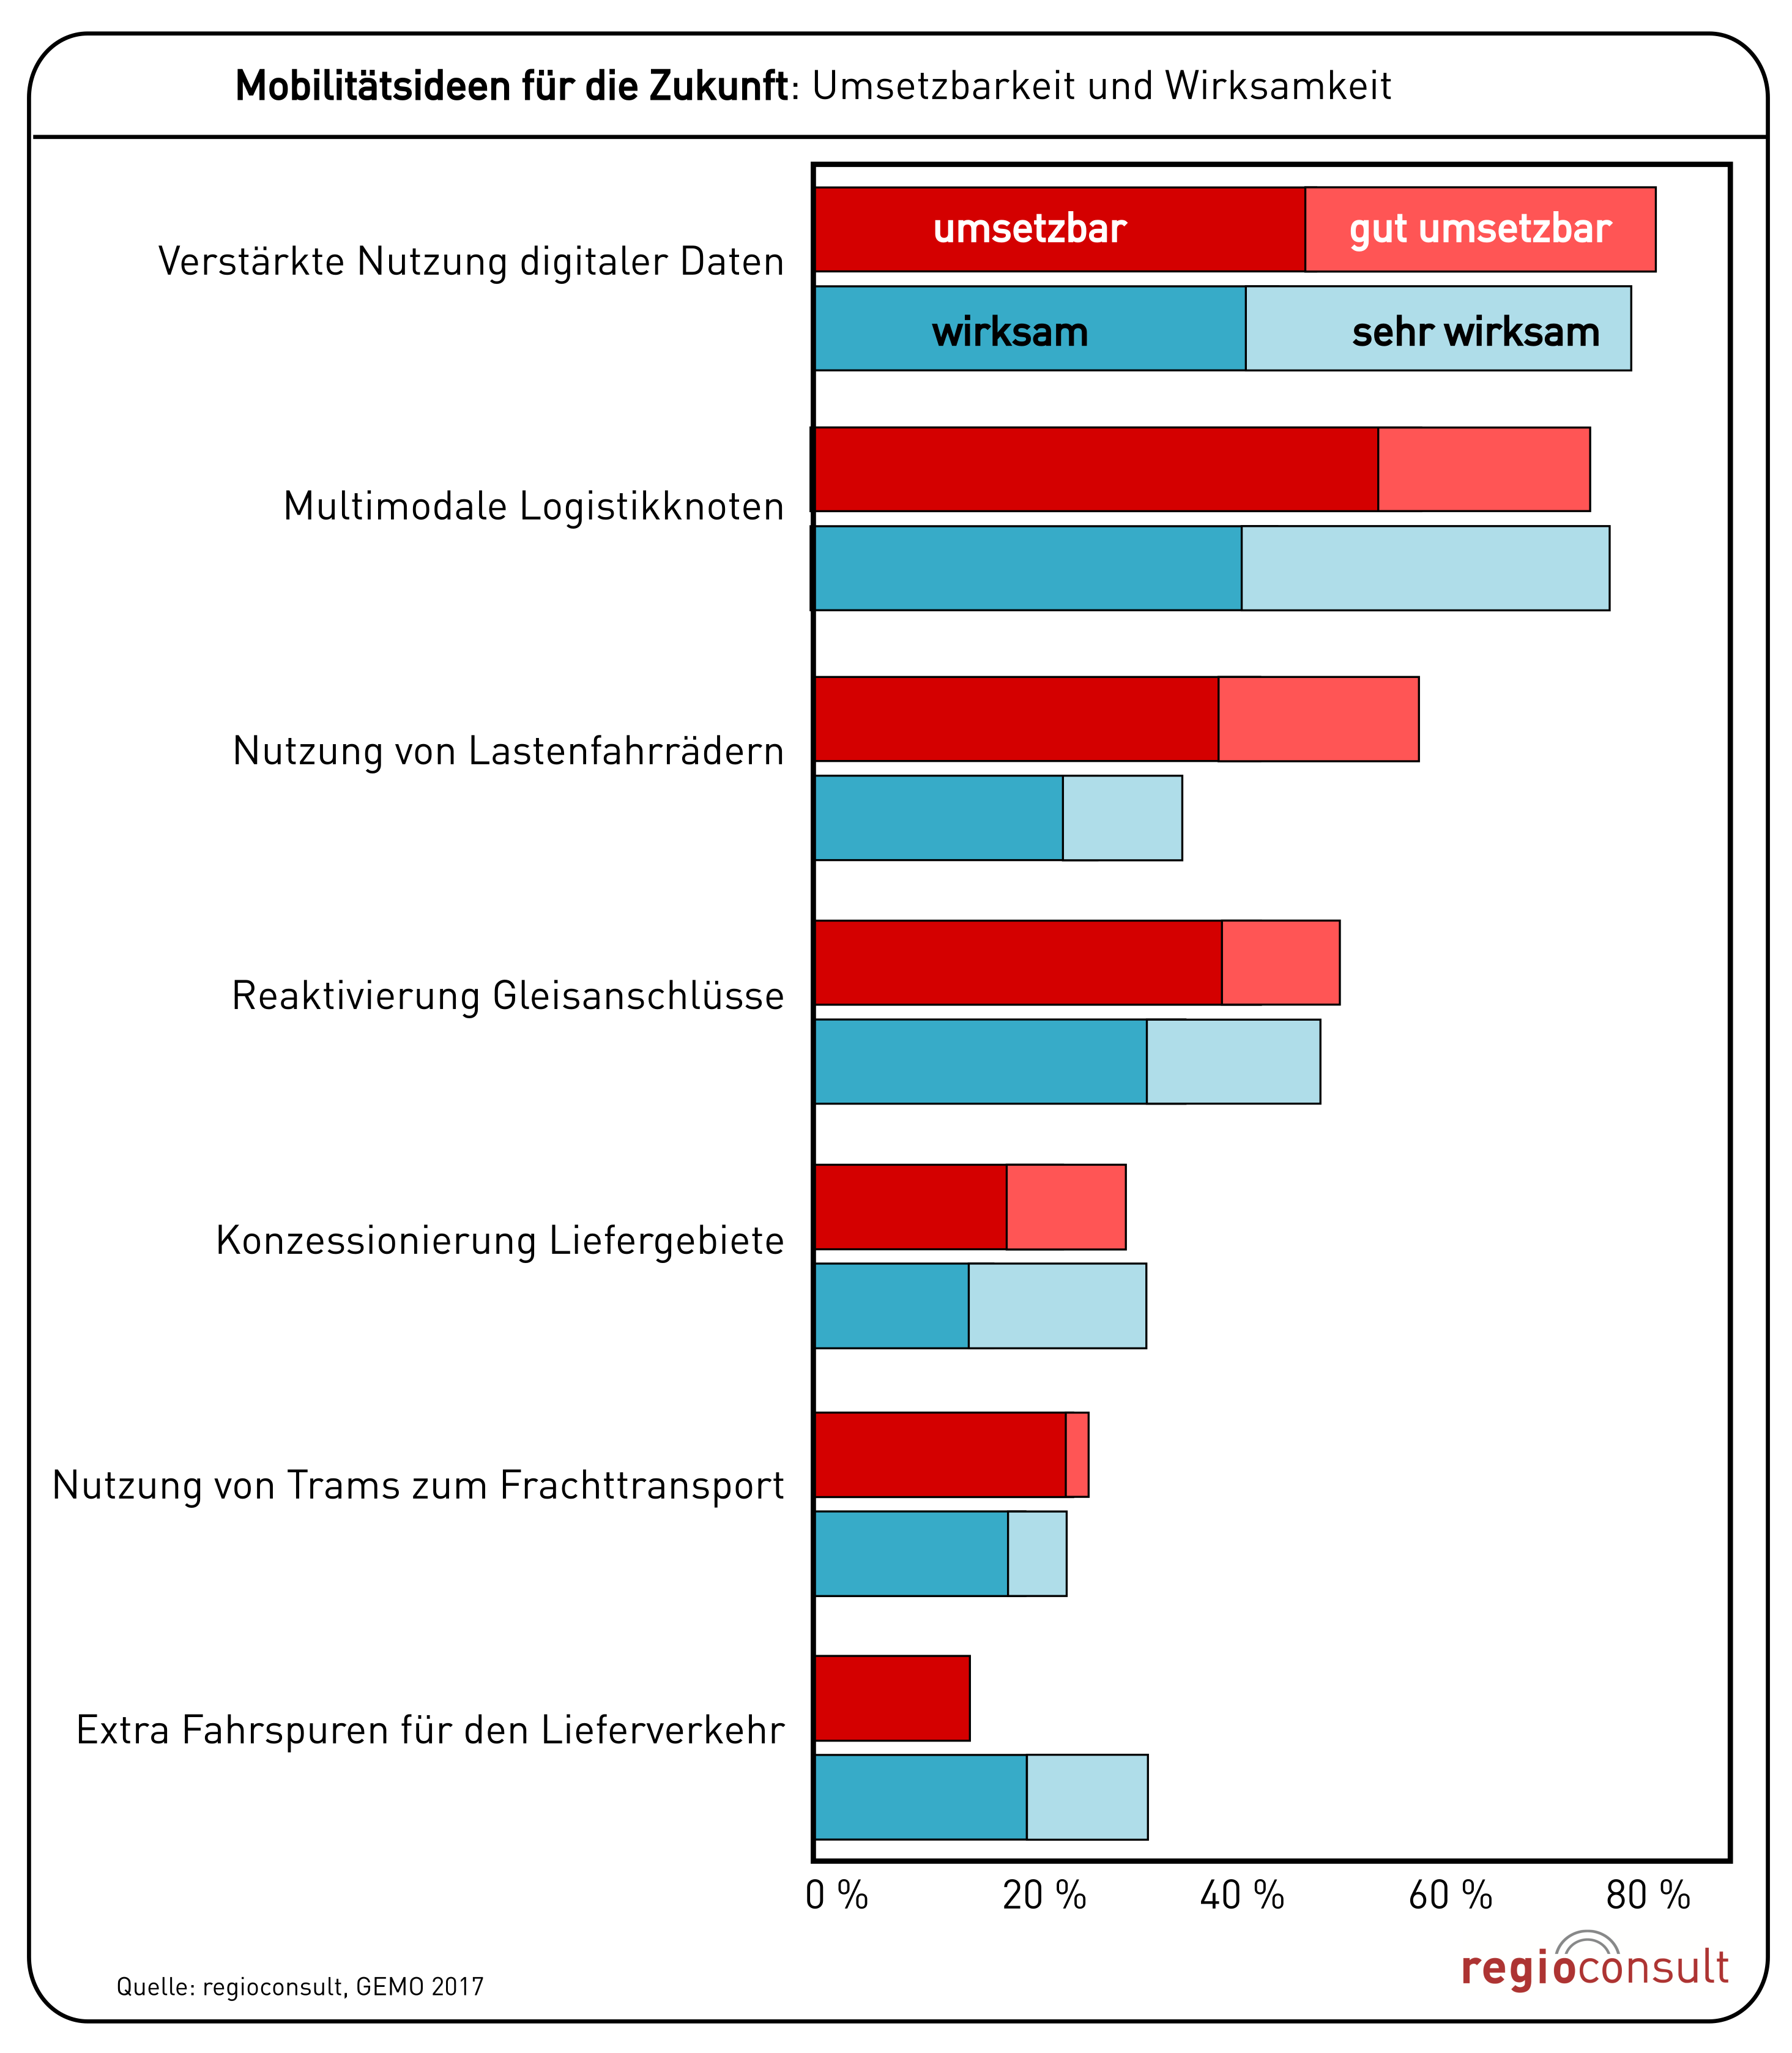 Mobilitätsideen für den Wirtschaftsverkehr - Einschätzung ihrer Umsetzbarkeit und Wirksamkeit